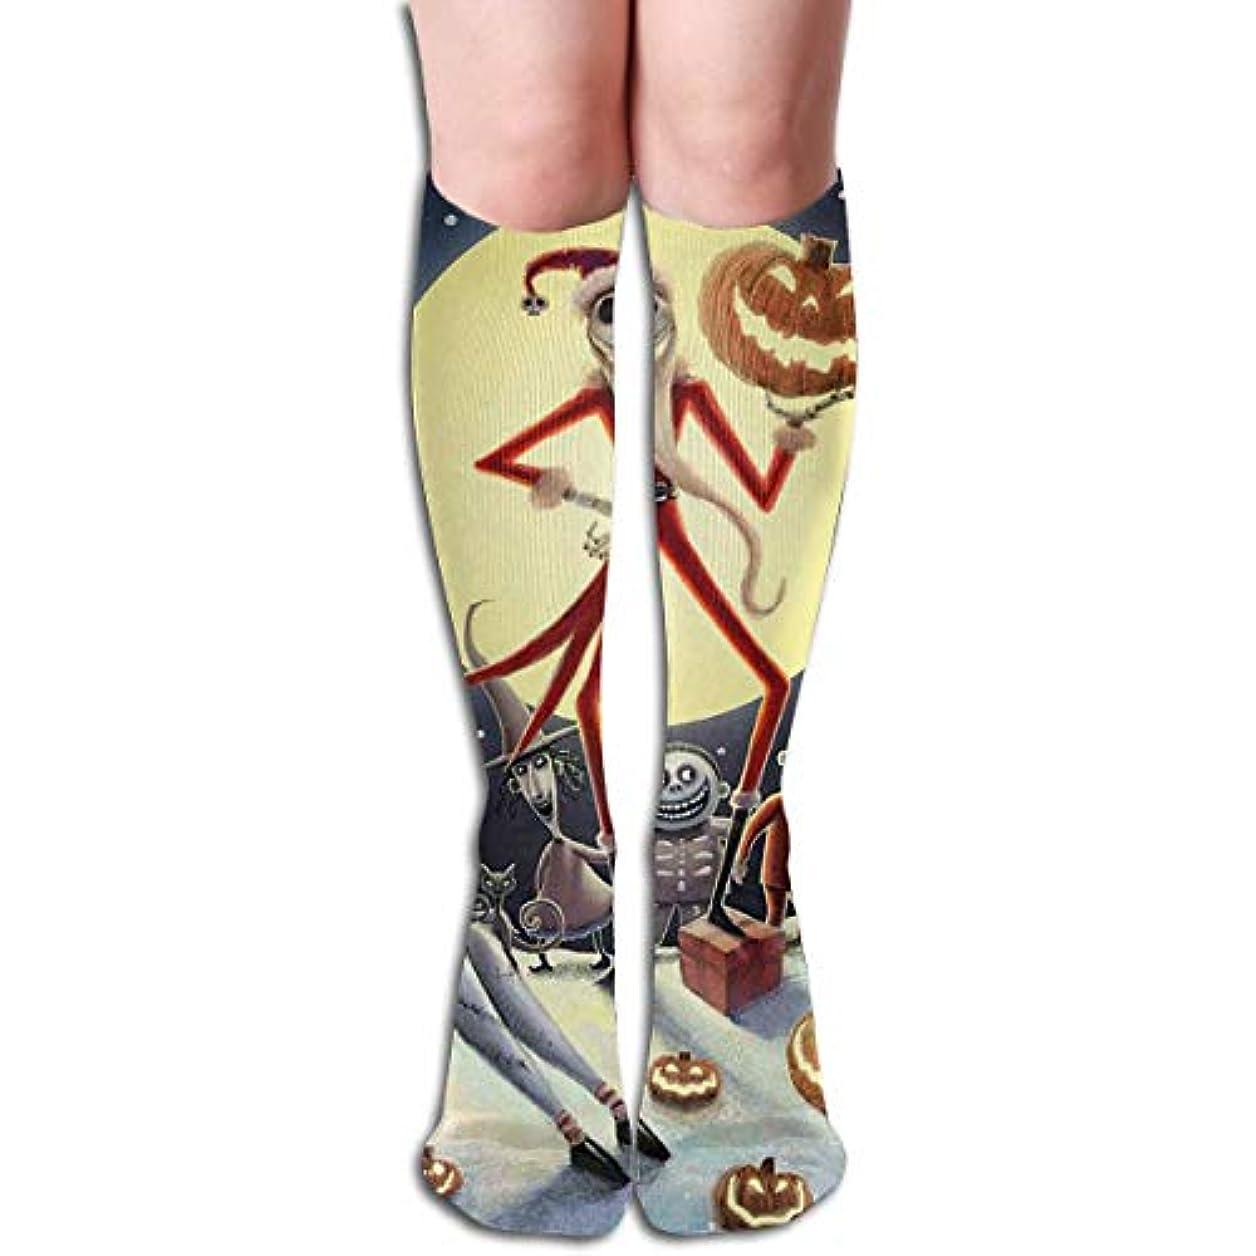 道路を作るプロセス無条件アライメントqrriyジャックスキレントンサンタチューブストッキングレディース冬暖かい膝ハイソックスブーツ靴下